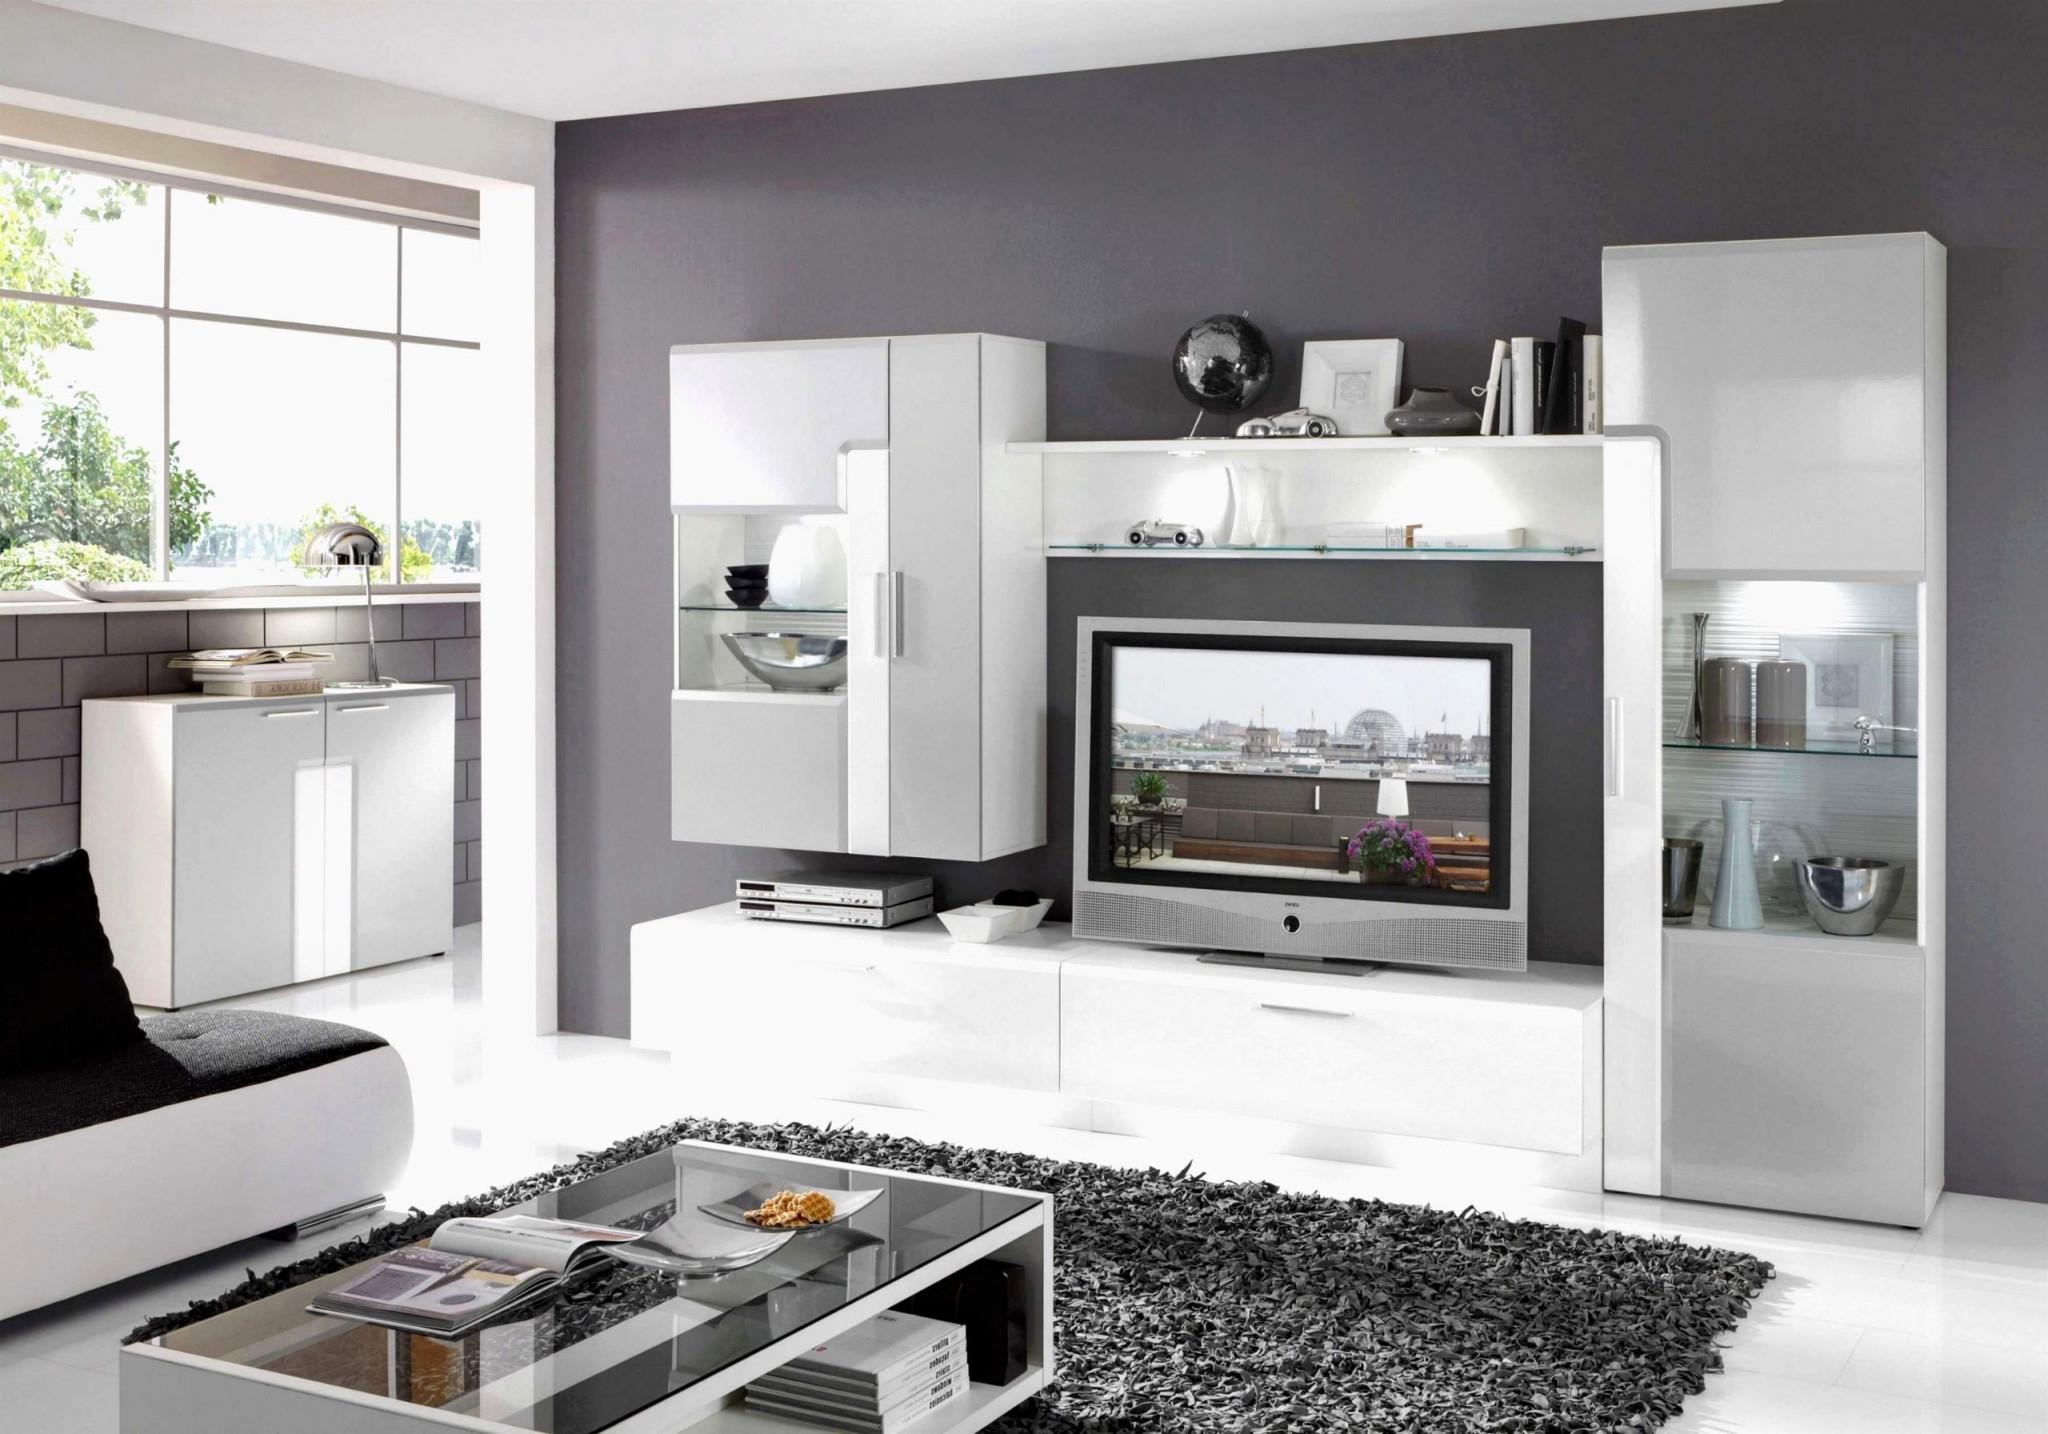 Streichen Wohnzimmer Ideen Farbe – Caseconrad von Moderne Wohnzimmer Ideen Bild